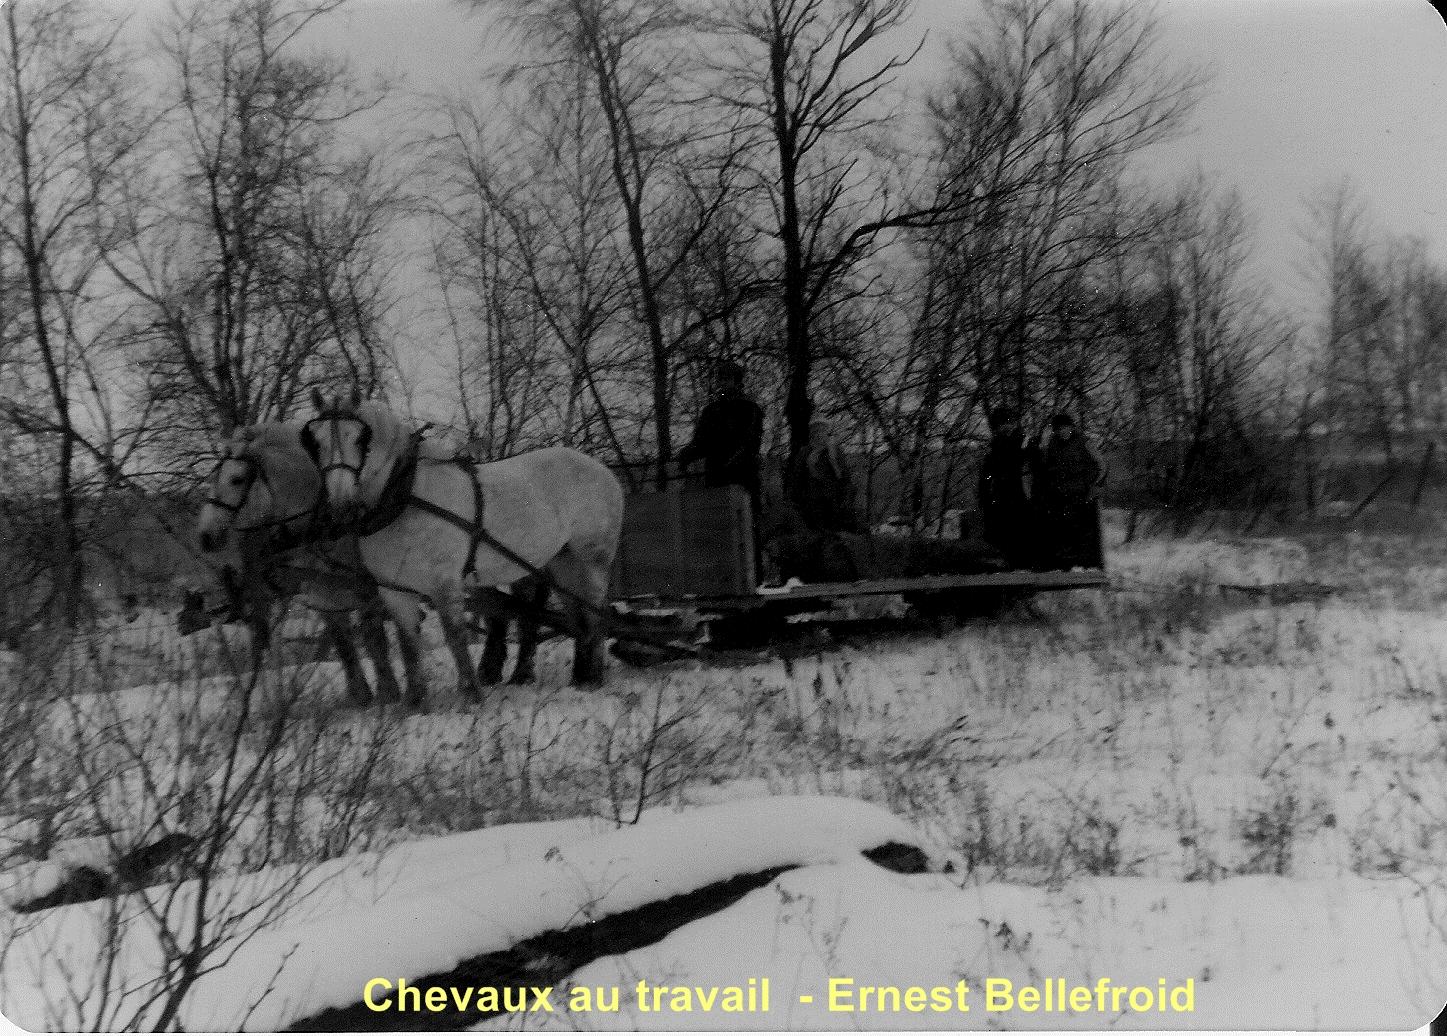 Chevaux au travail Ernest Bellefroid